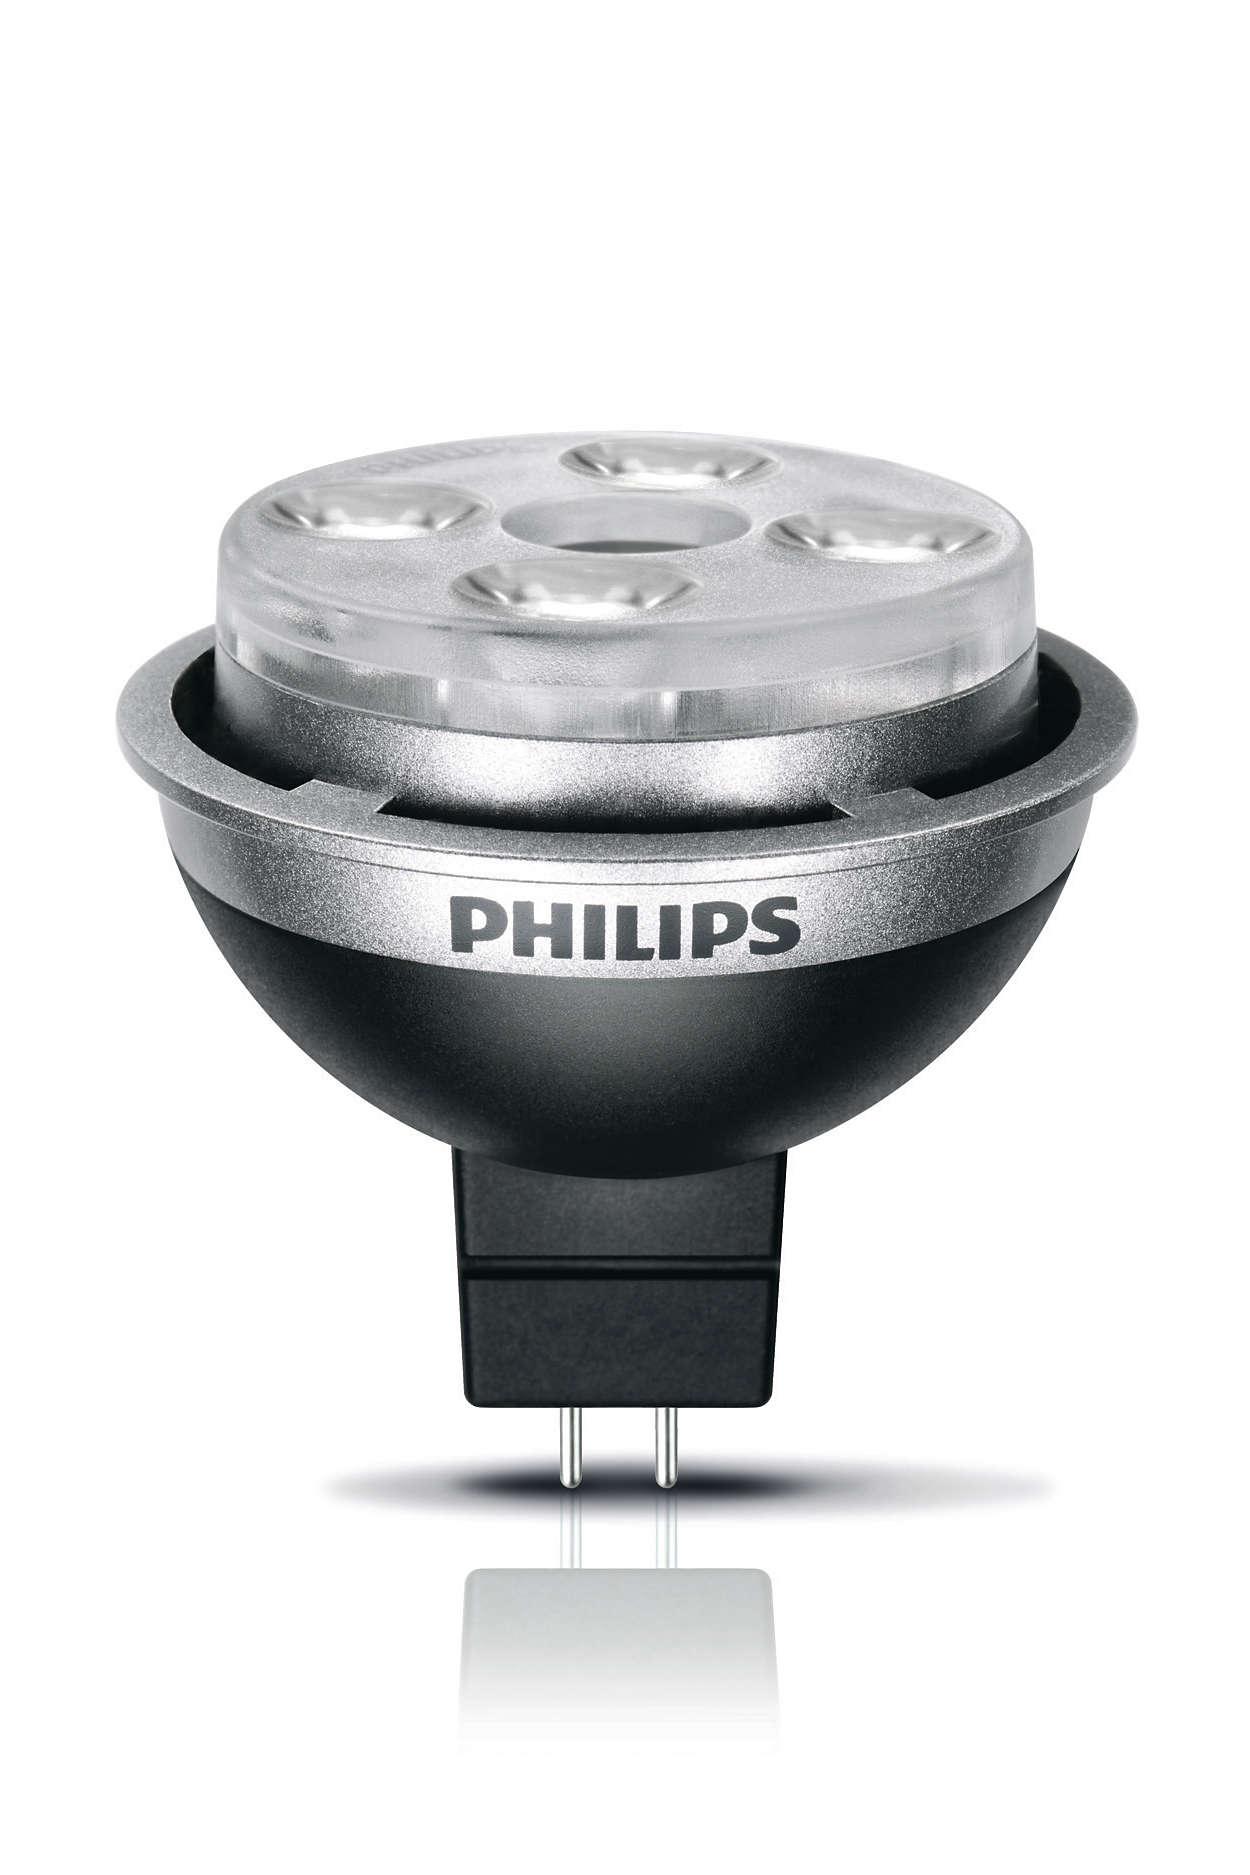 นวัตกรรมแห่งหลอดไฟ LED